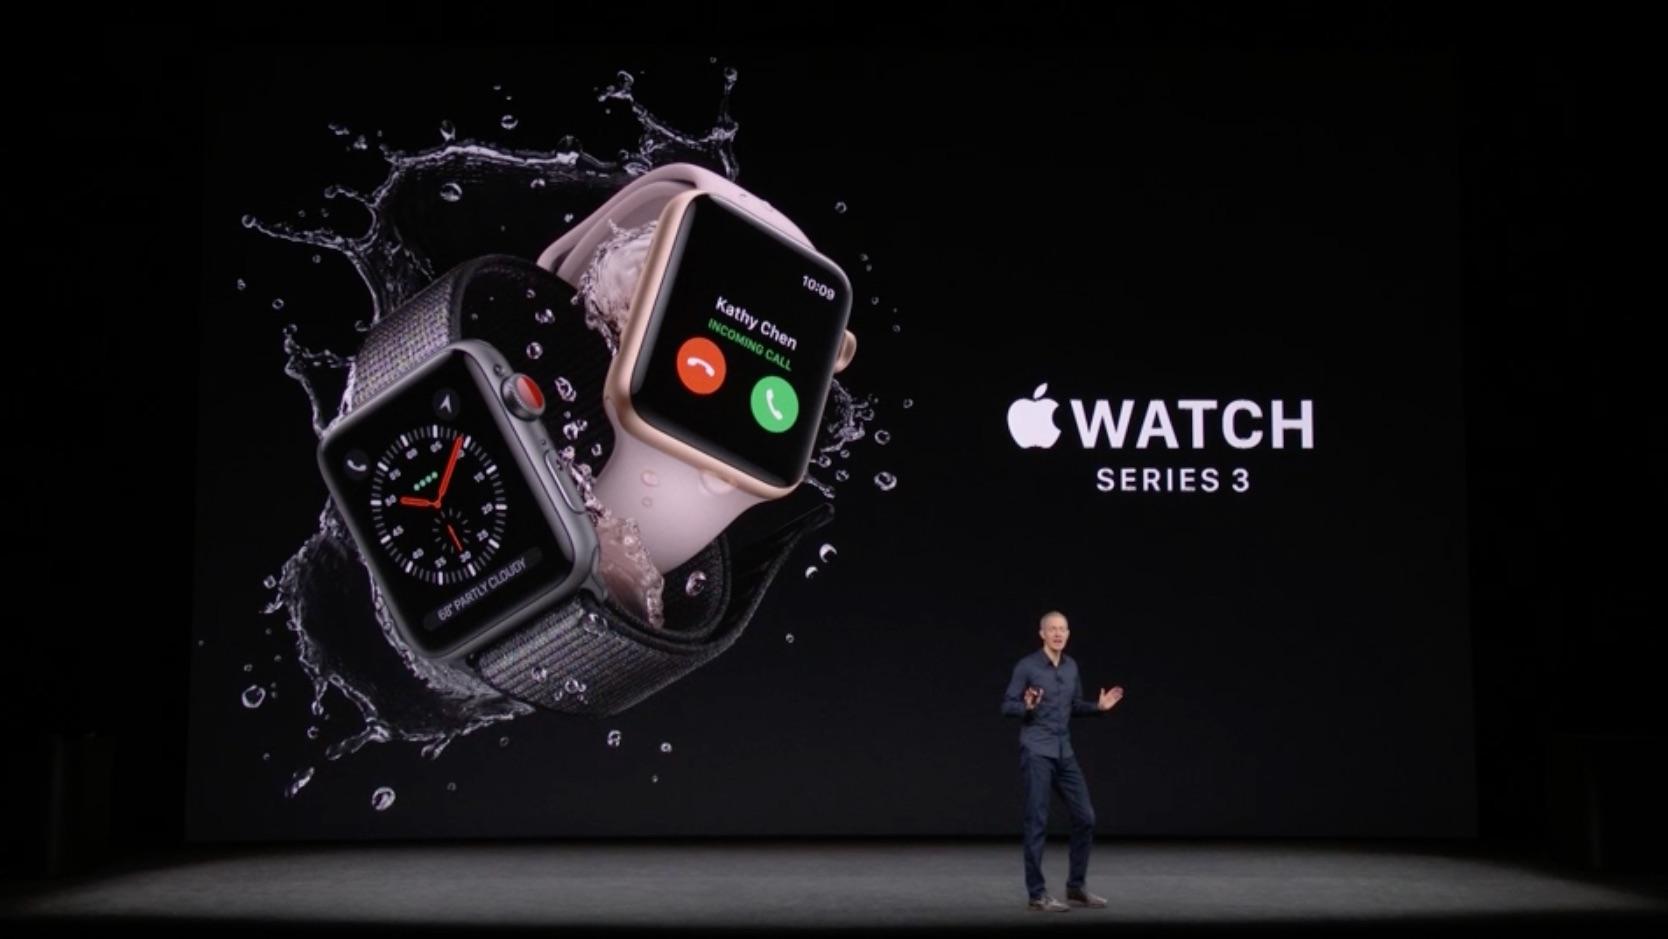 Apple、Apple Watch Series 3を正式発表!新機能や性能などイベント発表まとめ